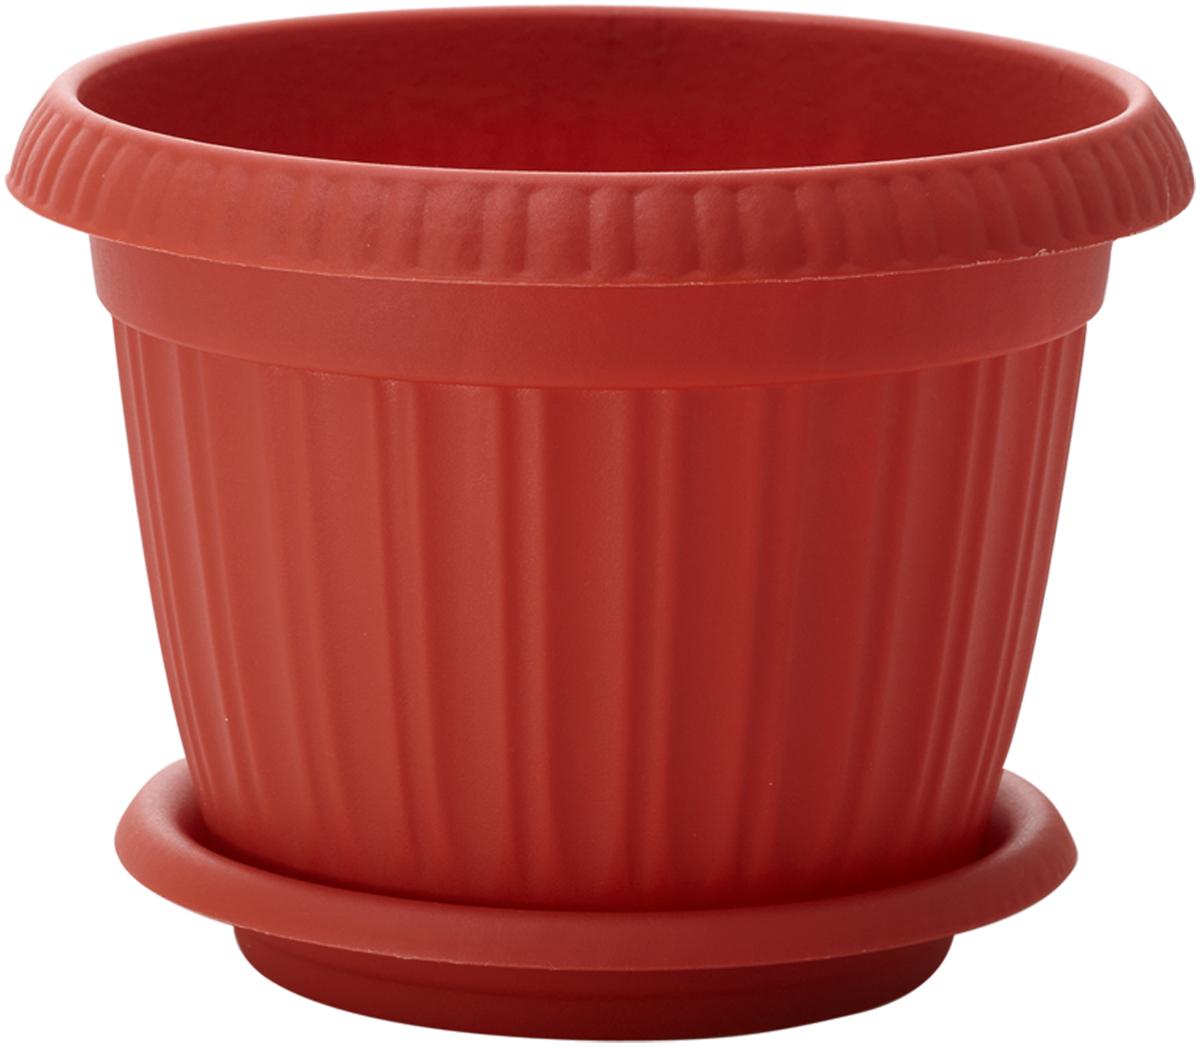 Горшок для цветов InGreen Таити, с подставкой, цвет: терракотовый, диаметр 13 смZ-0307Горшок InGreen Таити выполнен из высококачественного полипропилена (пластика) и предназначен для выращивания цветов, растений и трав. Снабжен подставкой для стока воды.Такой горшок порадует вас функциональностью, а благодаря лаконичному дизайну впишется в любой интерьер помещения.Диаметр горшка по верхнему краю: 13 см. Высота горшка: 10,4 см. Диаметр подставки: 11 см.